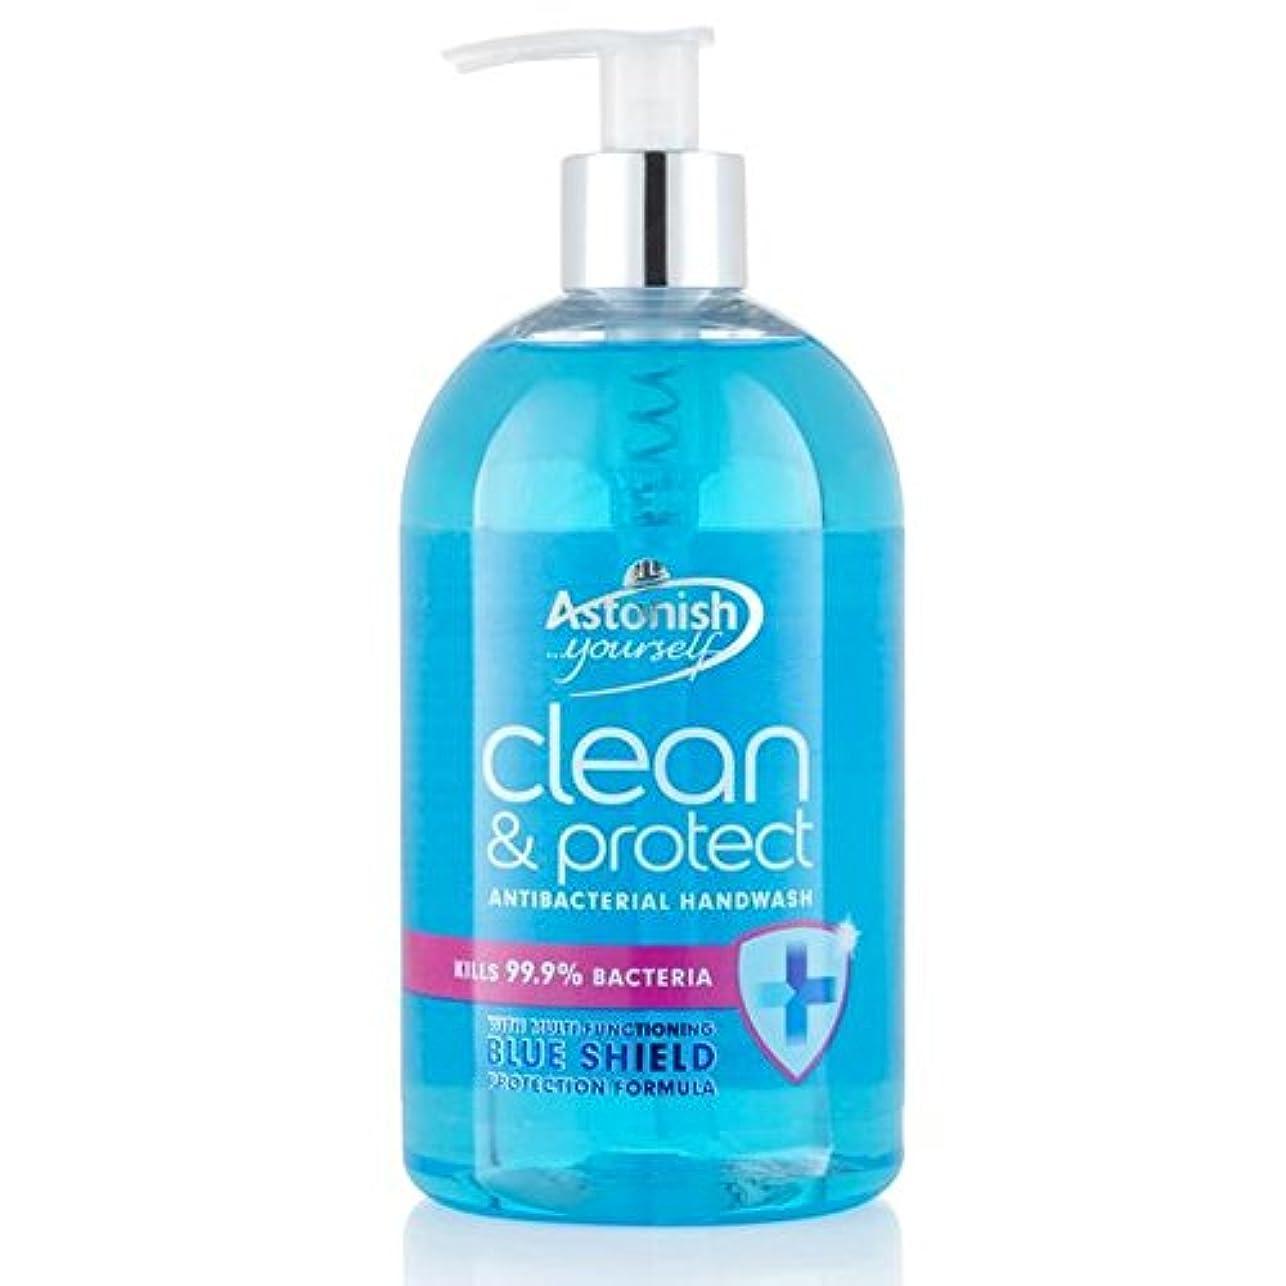 純度書道今までクリーン驚か&ハンドウォッシュ500ミリリットルを保護 x4 - Astonish Clean & Protect Hand Wash 500ml (Pack of 4) [並行輸入品]